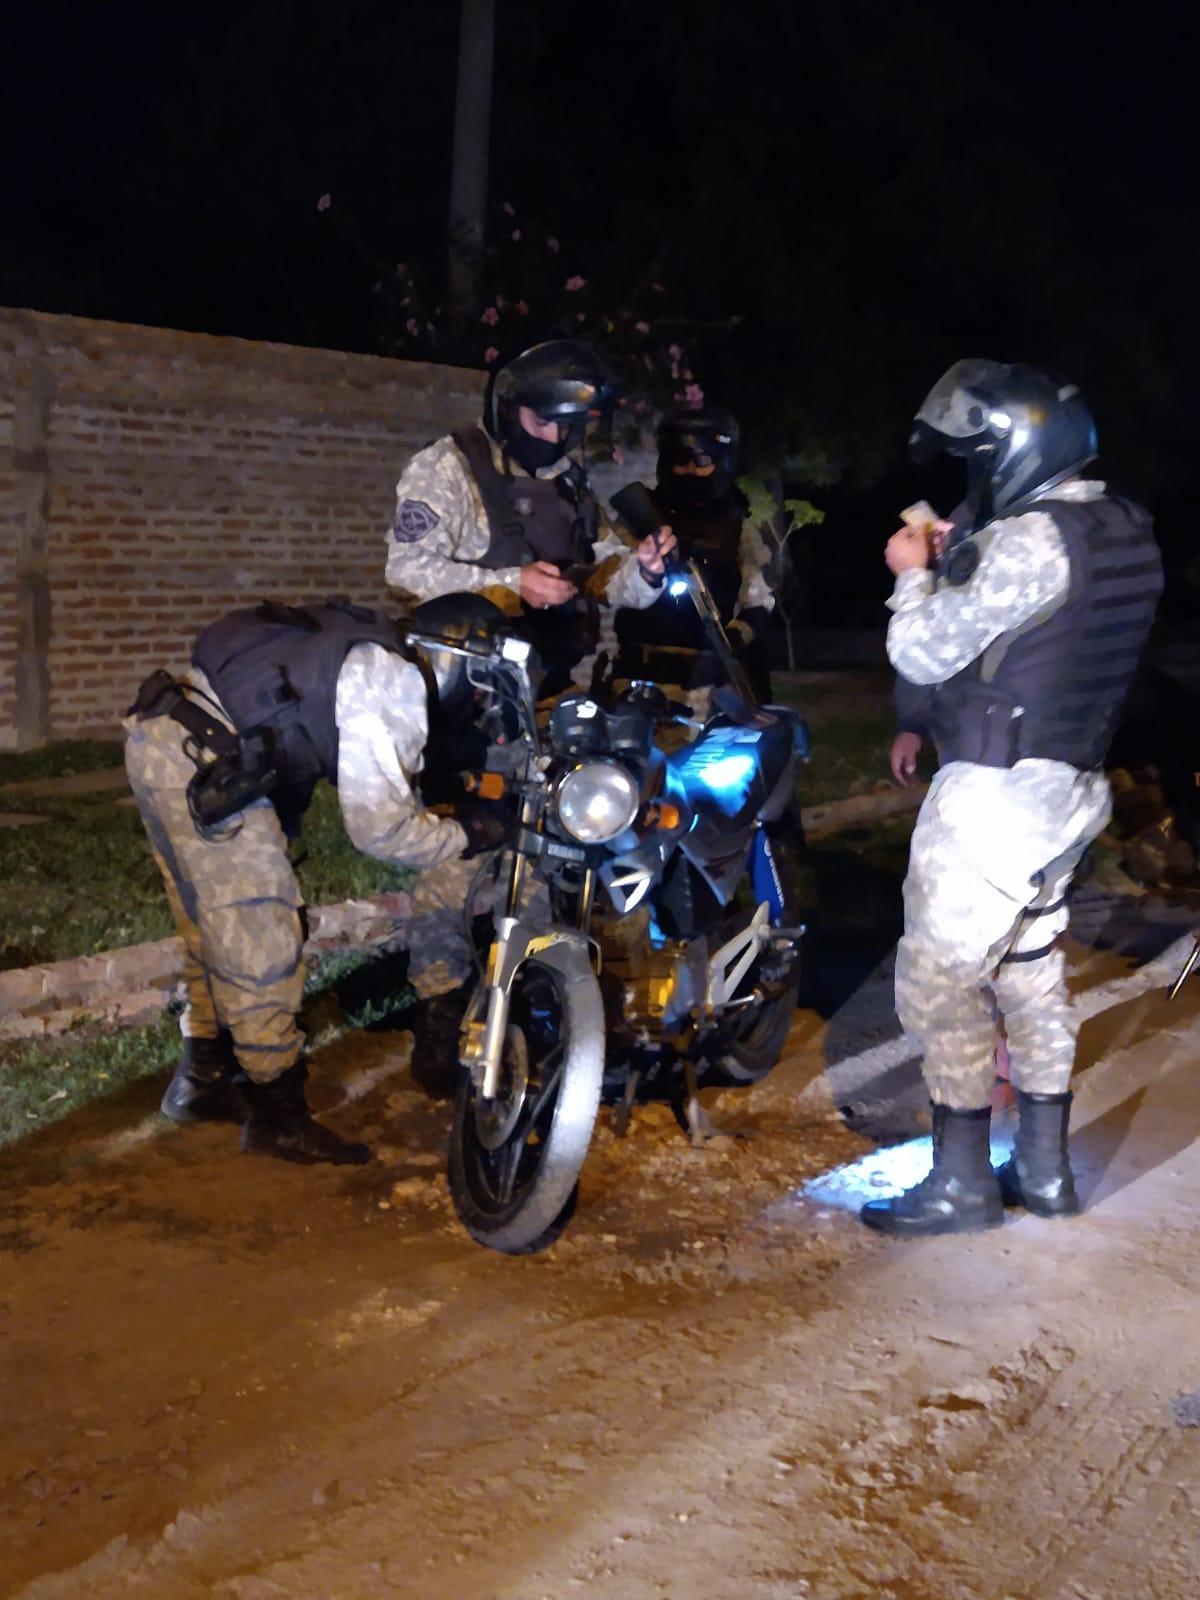 En 24 horas se recuperaron 9 motocicletas robadas